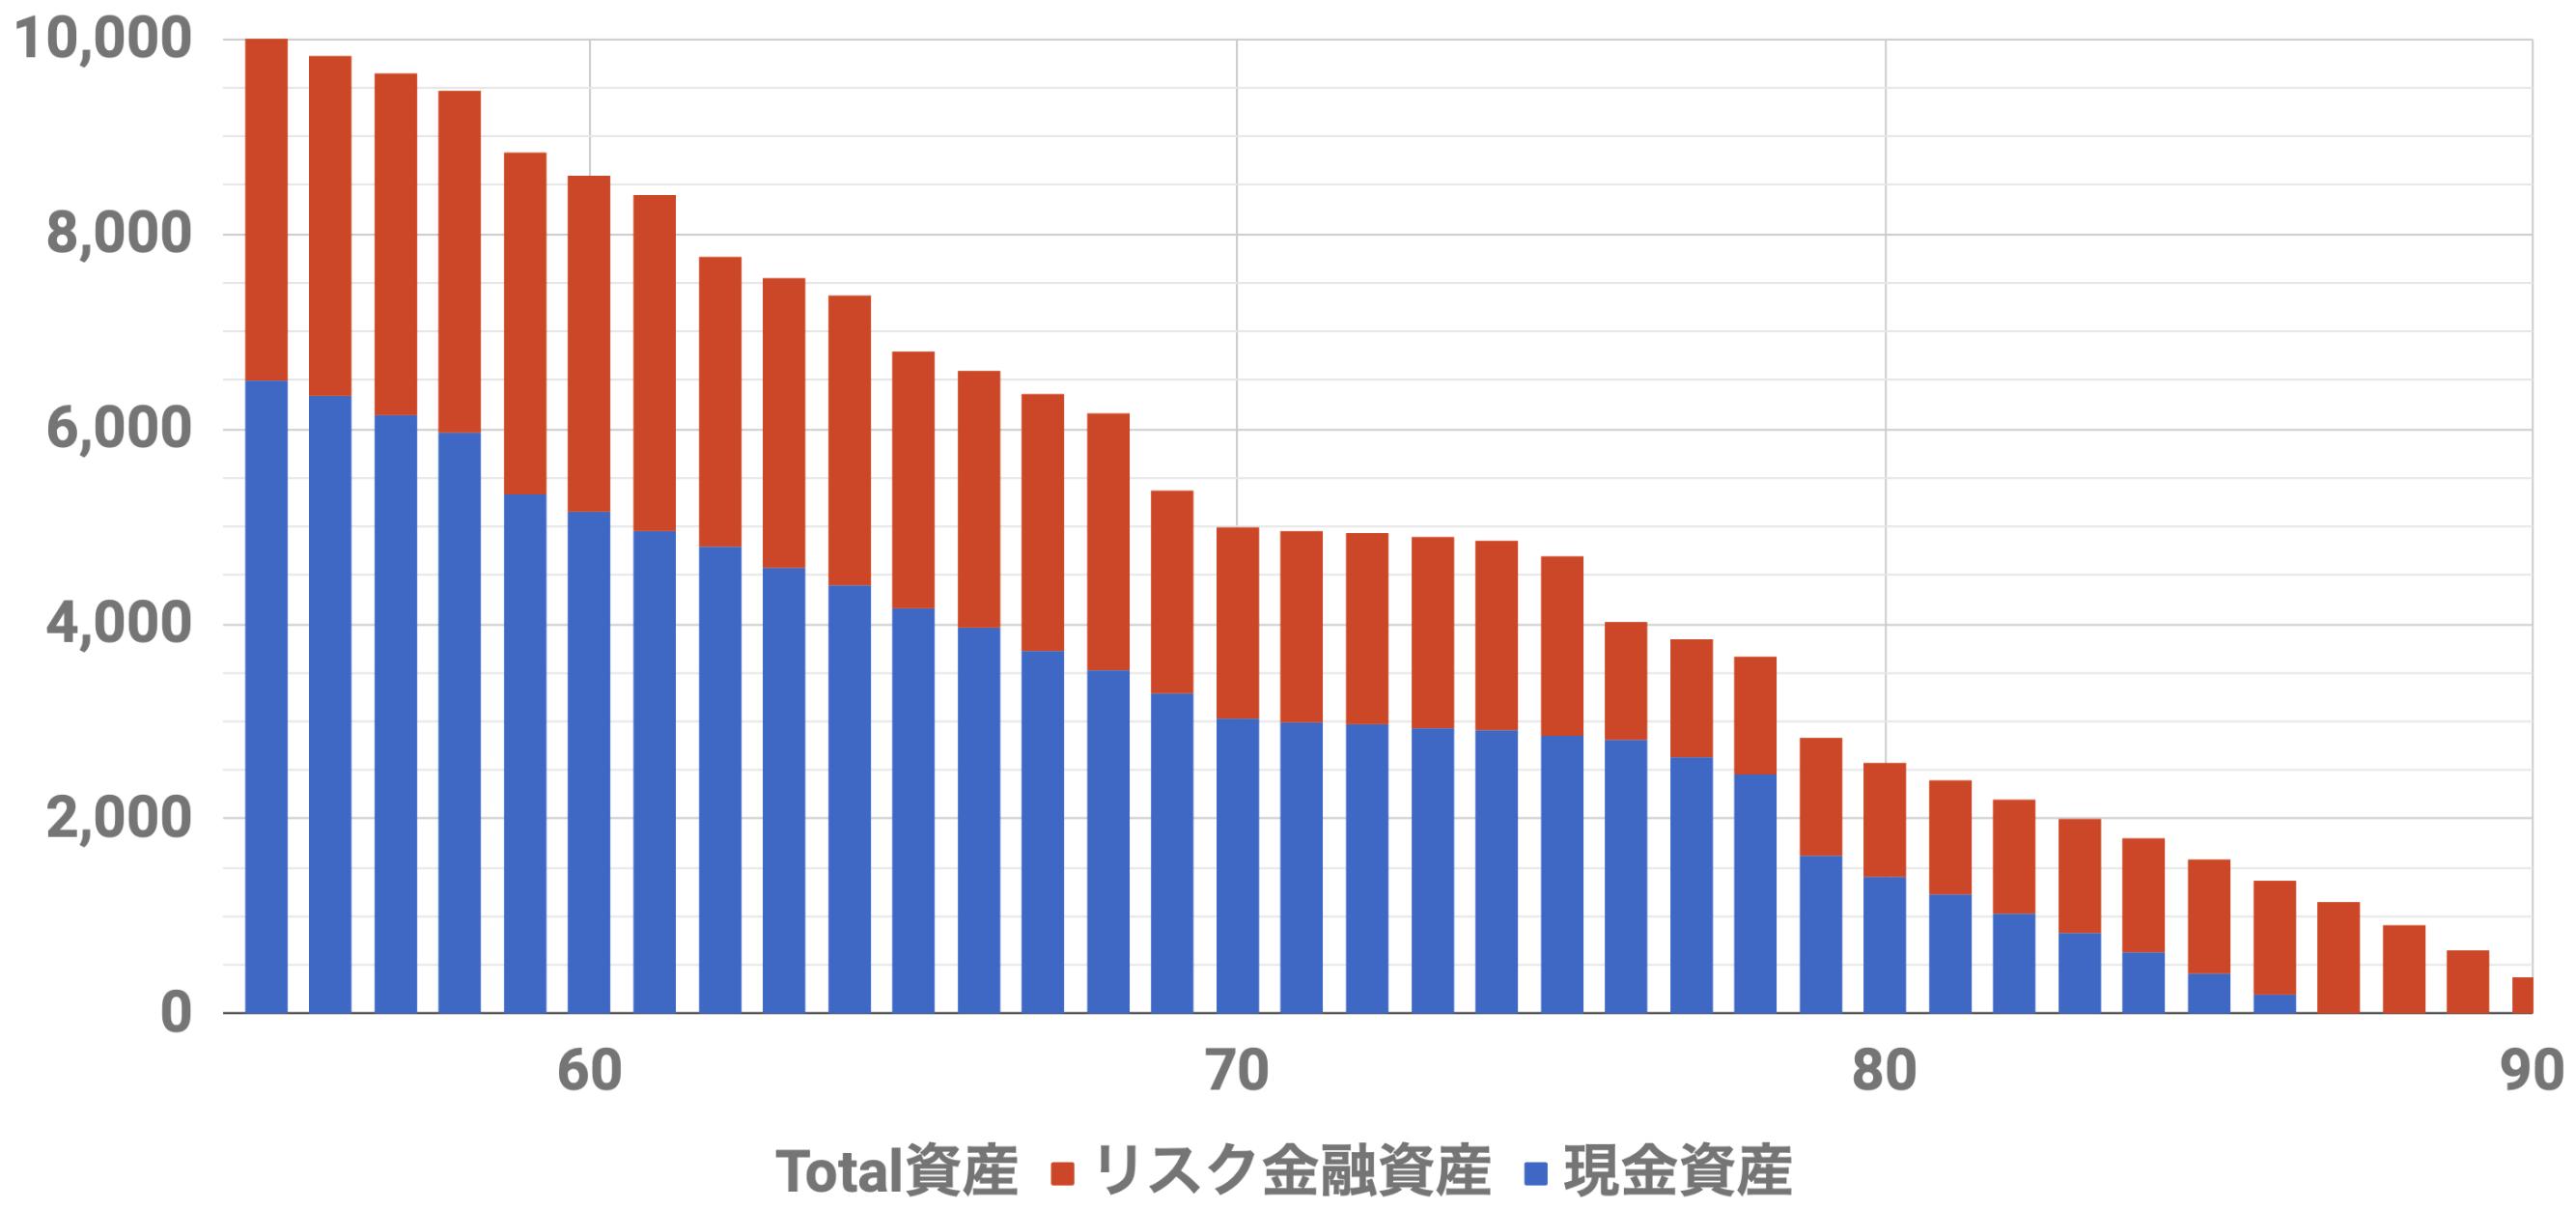 55歳1億円資金シミュレーション(Level5)安全資金6500万リスク資金3500万インフレ率2%利率3%連続増配率3%